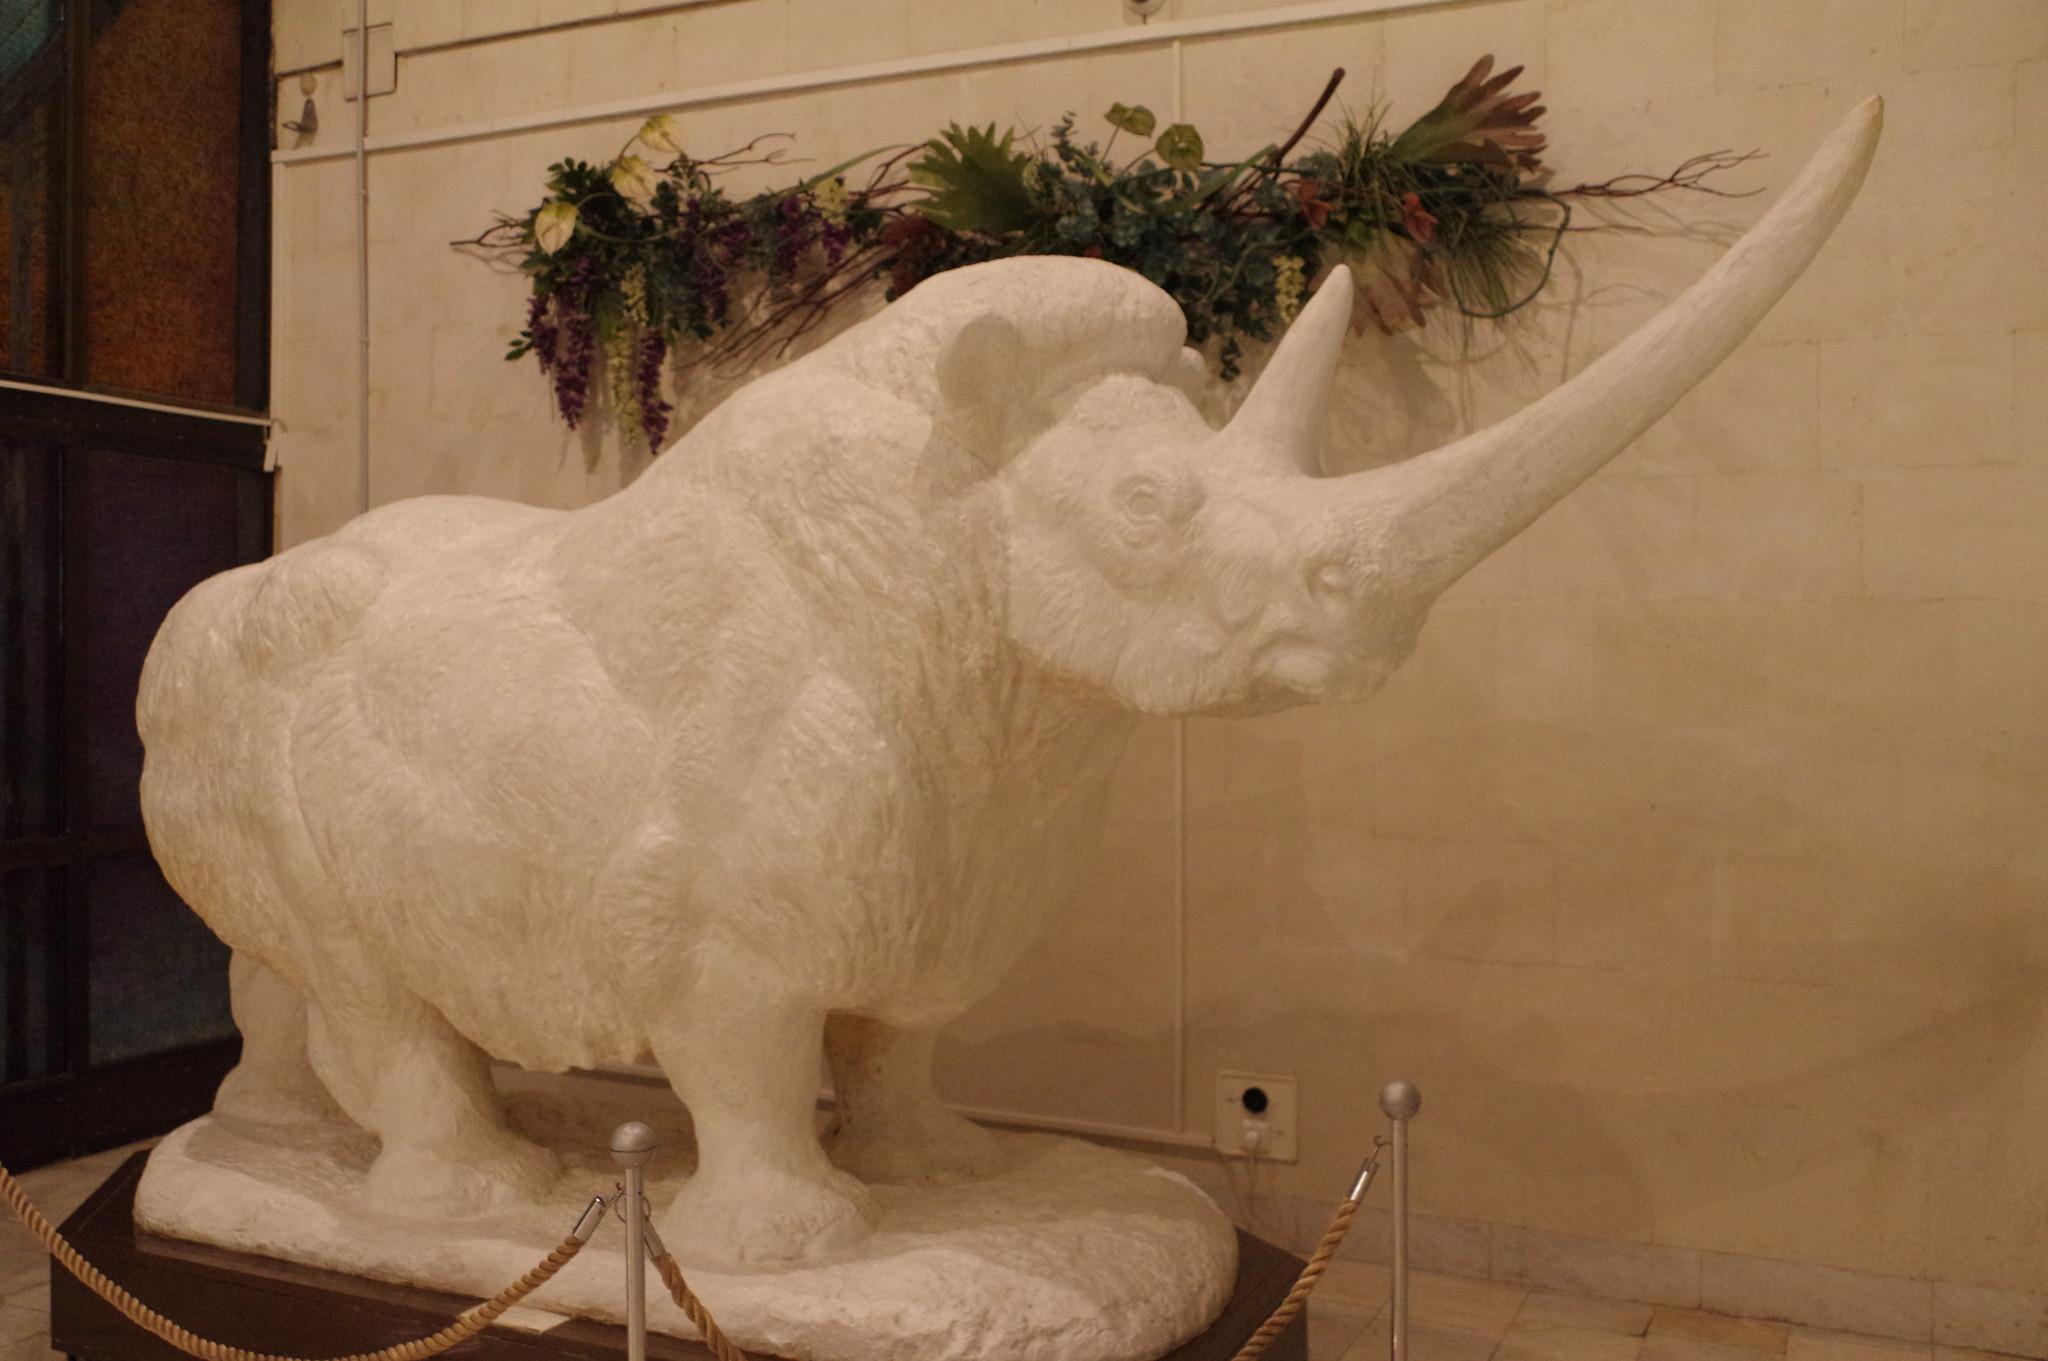 Шерстистый носорог. Флеров К.К. Гипс. (Государственный Дарвиновский музей)